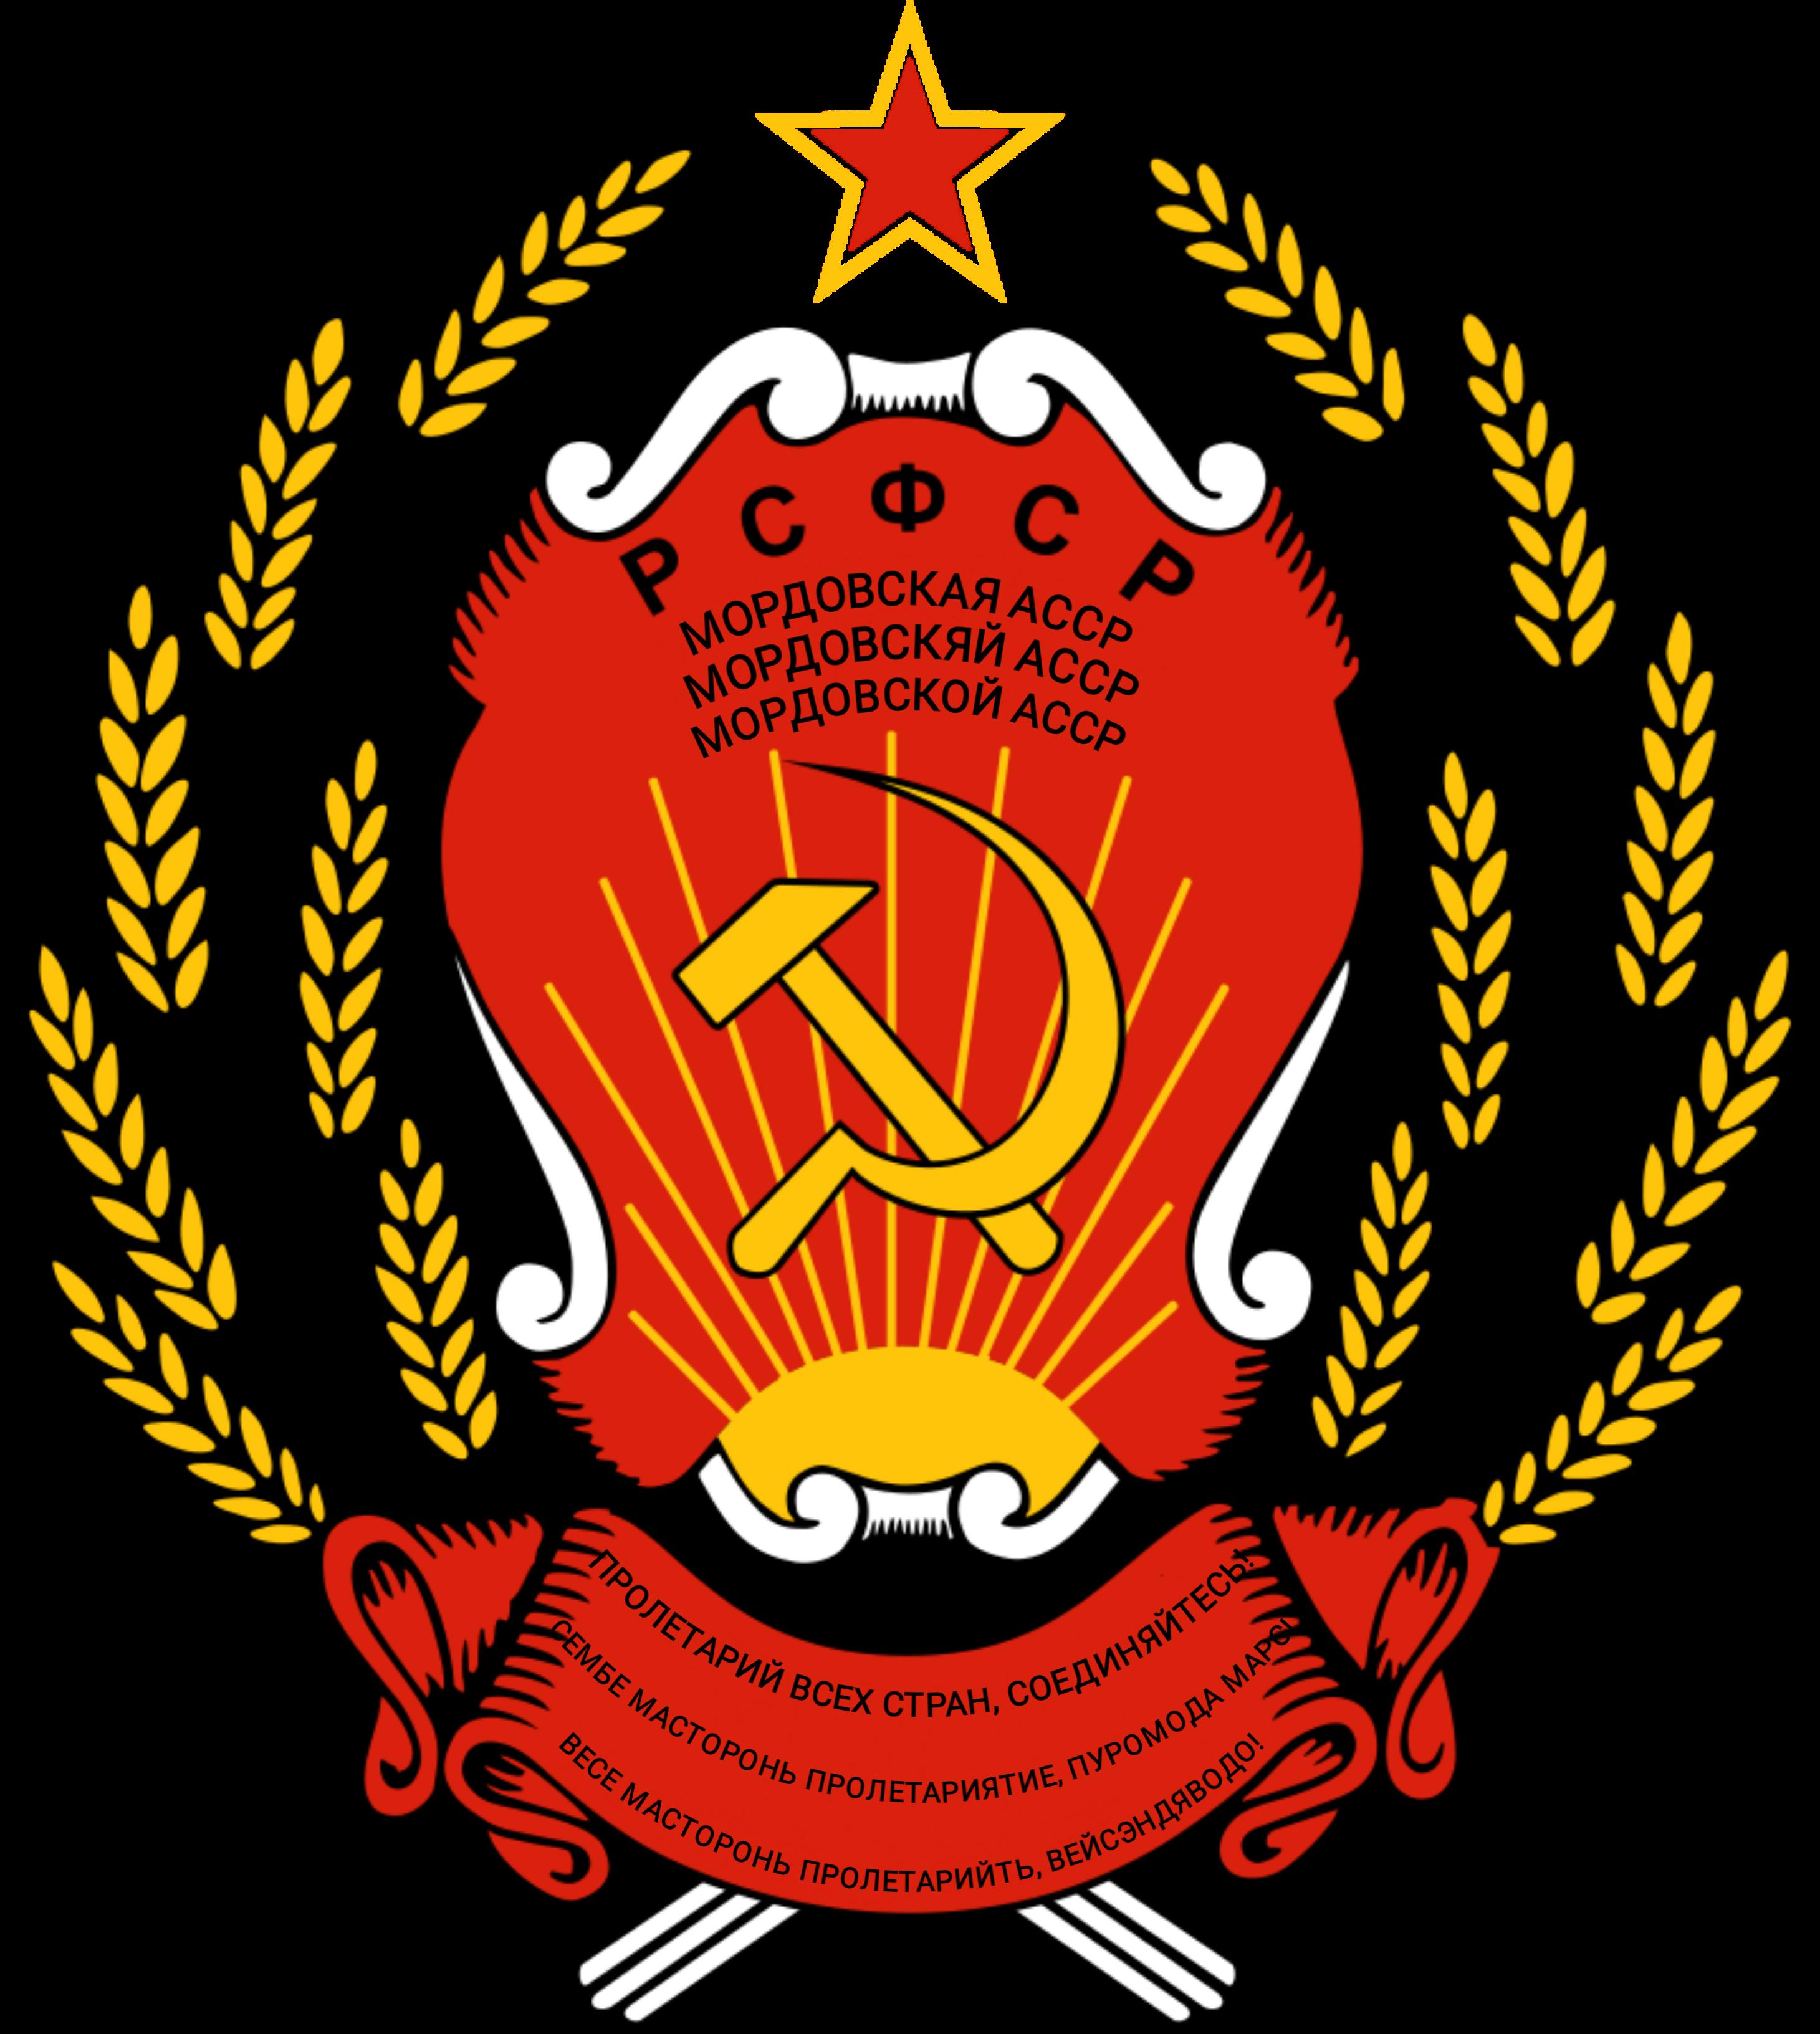 Emblem of the Mordovian Autonomous Soviet Socialist Republic